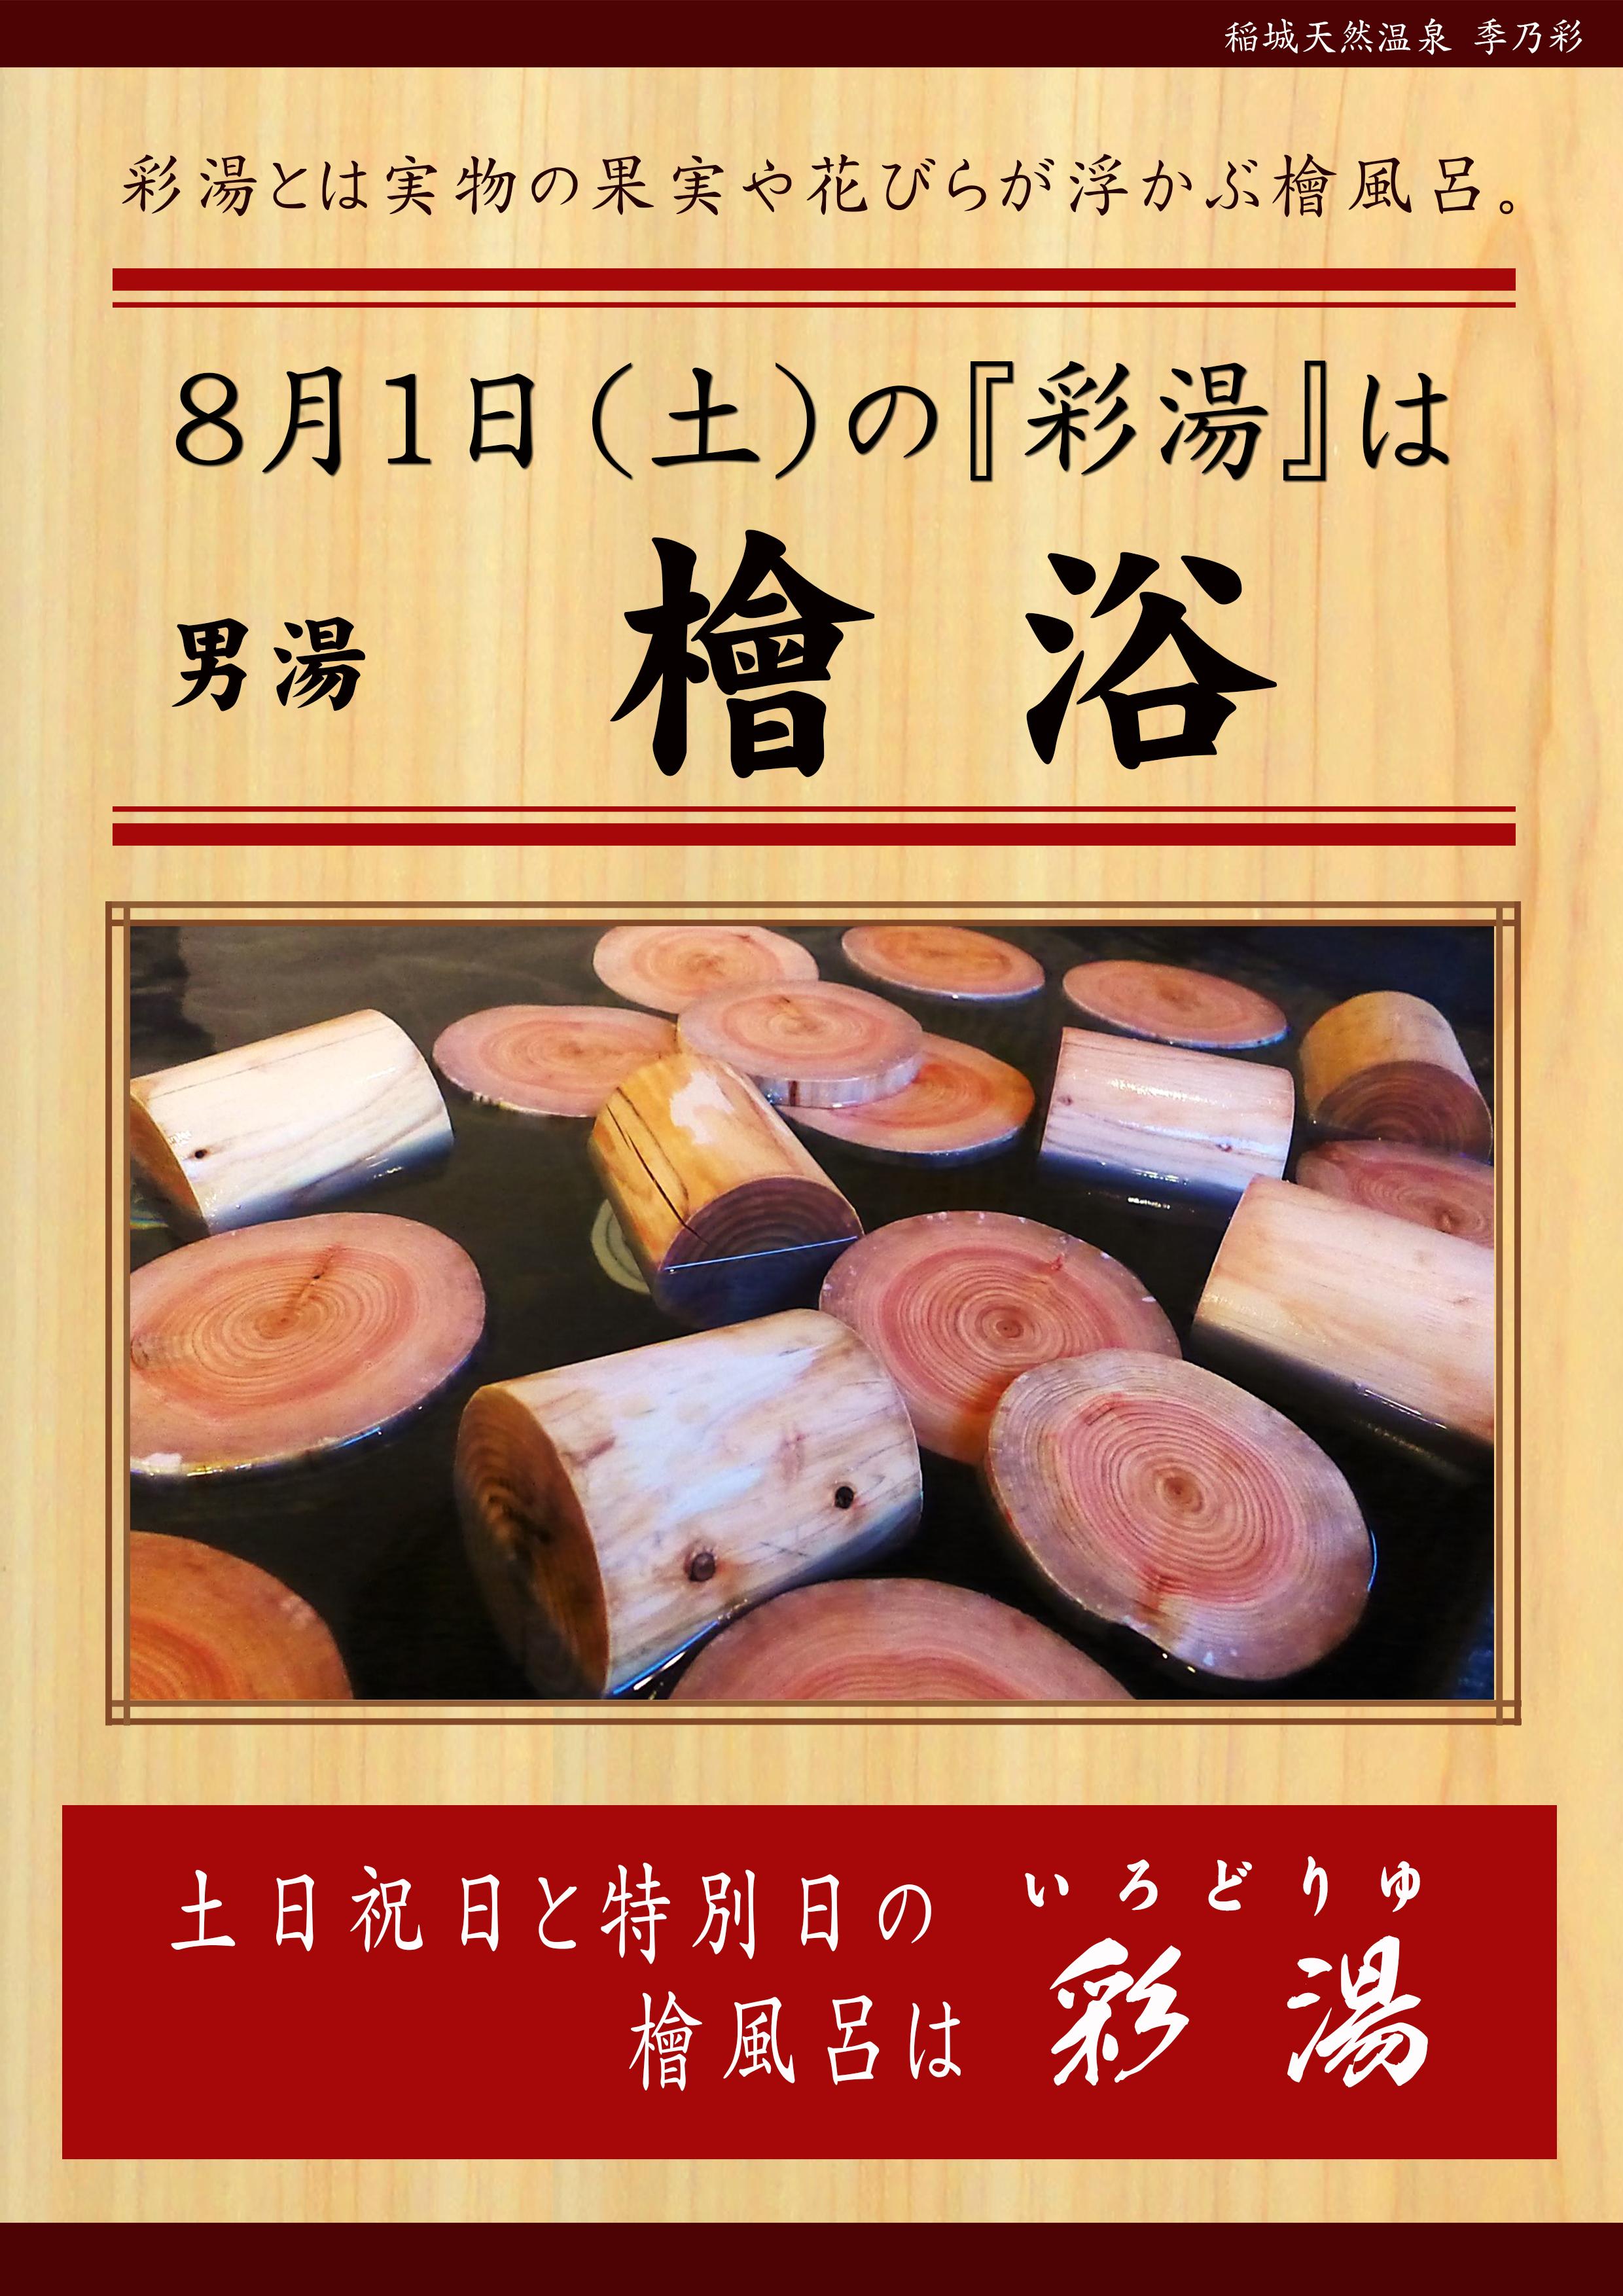 200801 POP イベント 彩湯 男 檜浴